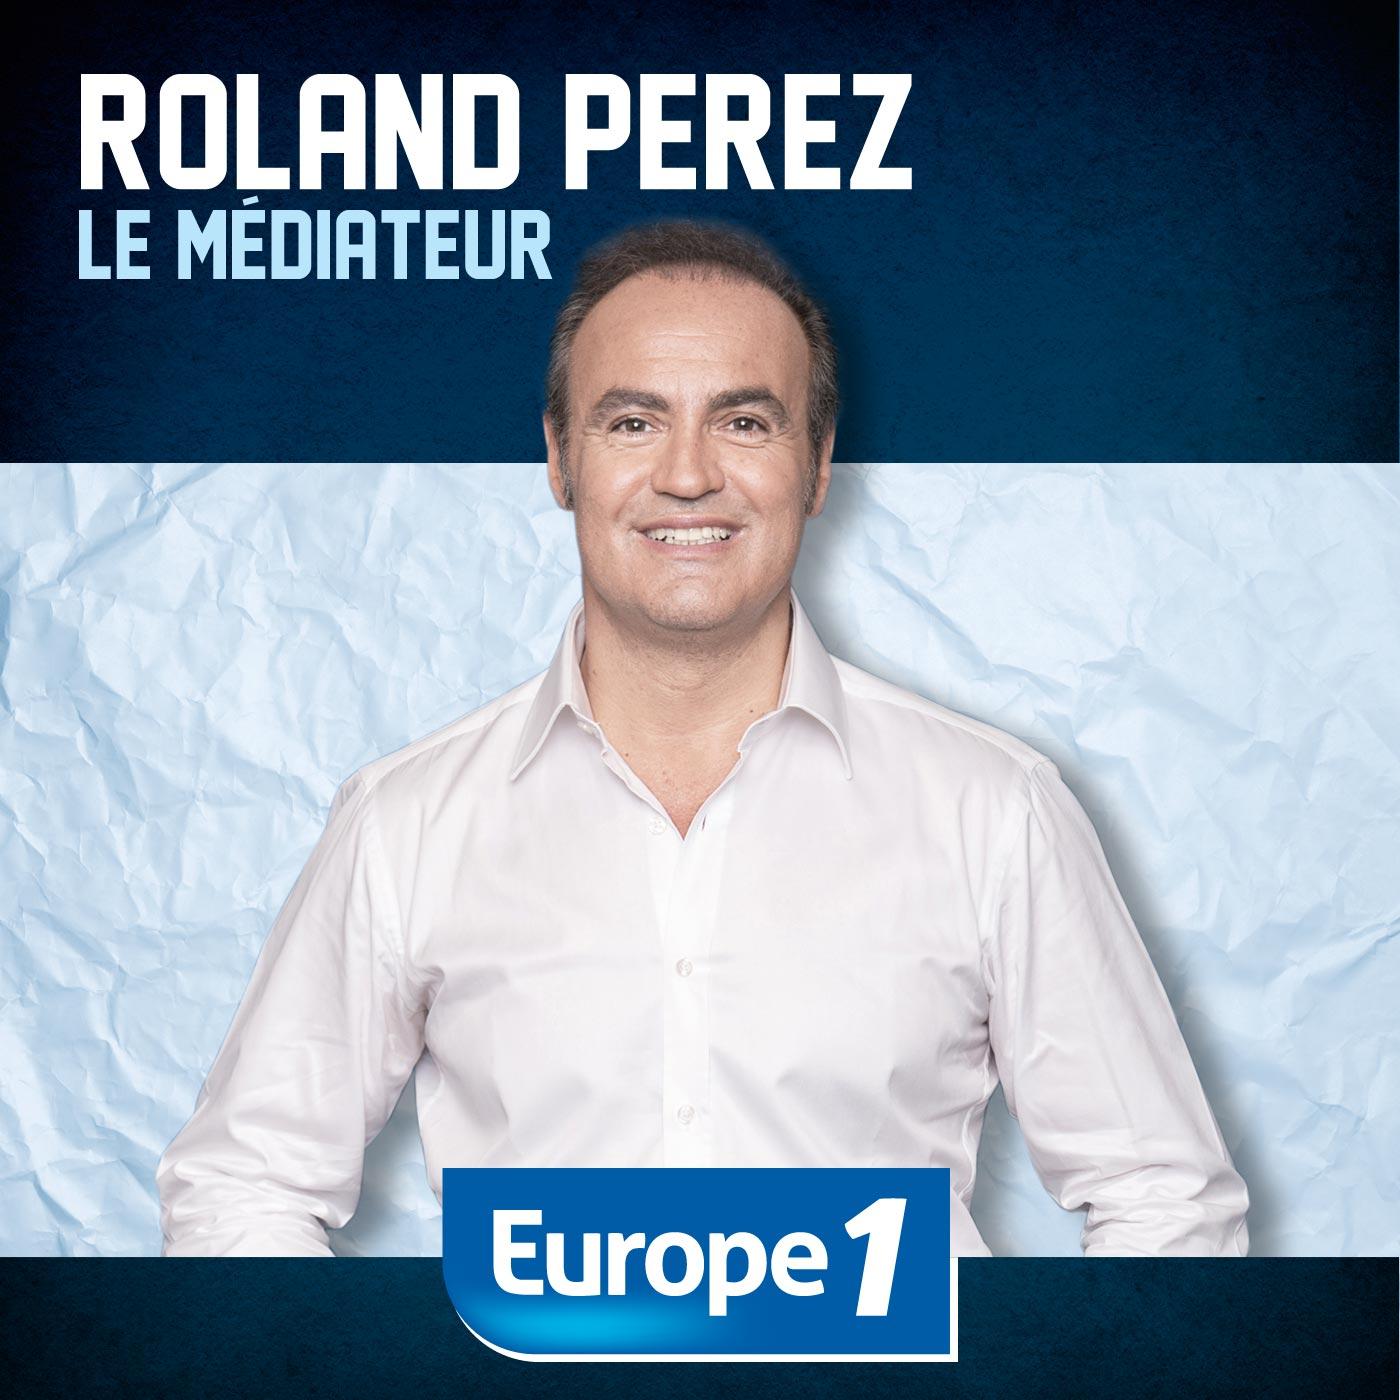 Image 1: Europe 1 Roland Perez